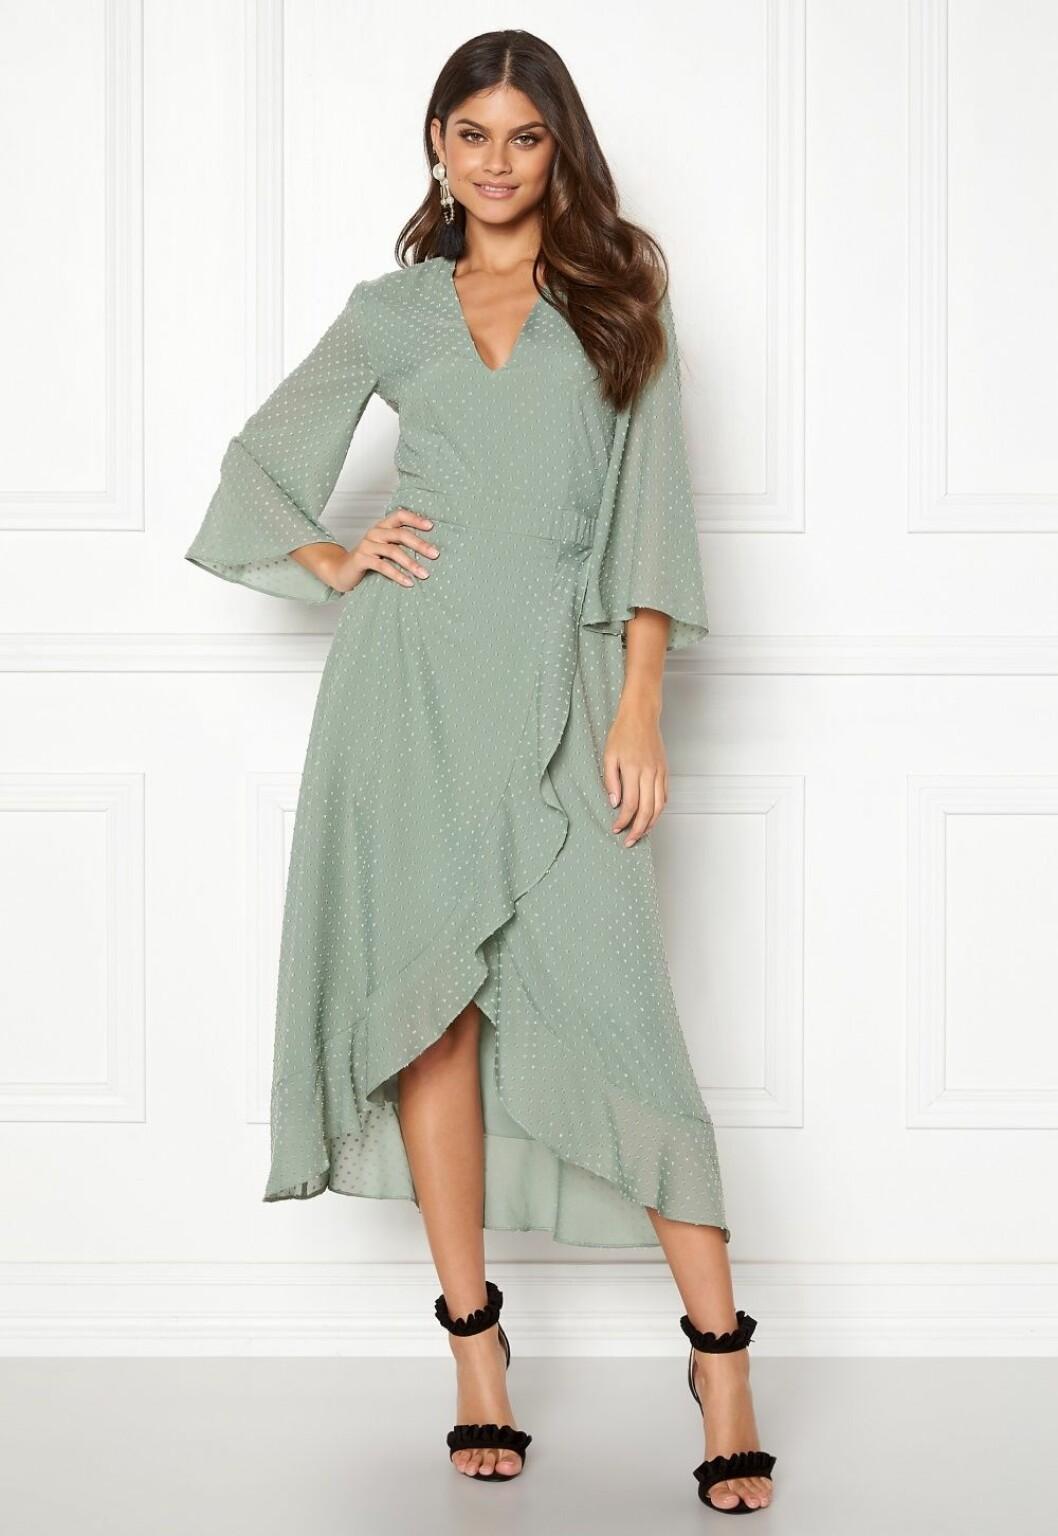 Grön omlottklänning till bröllop 2019